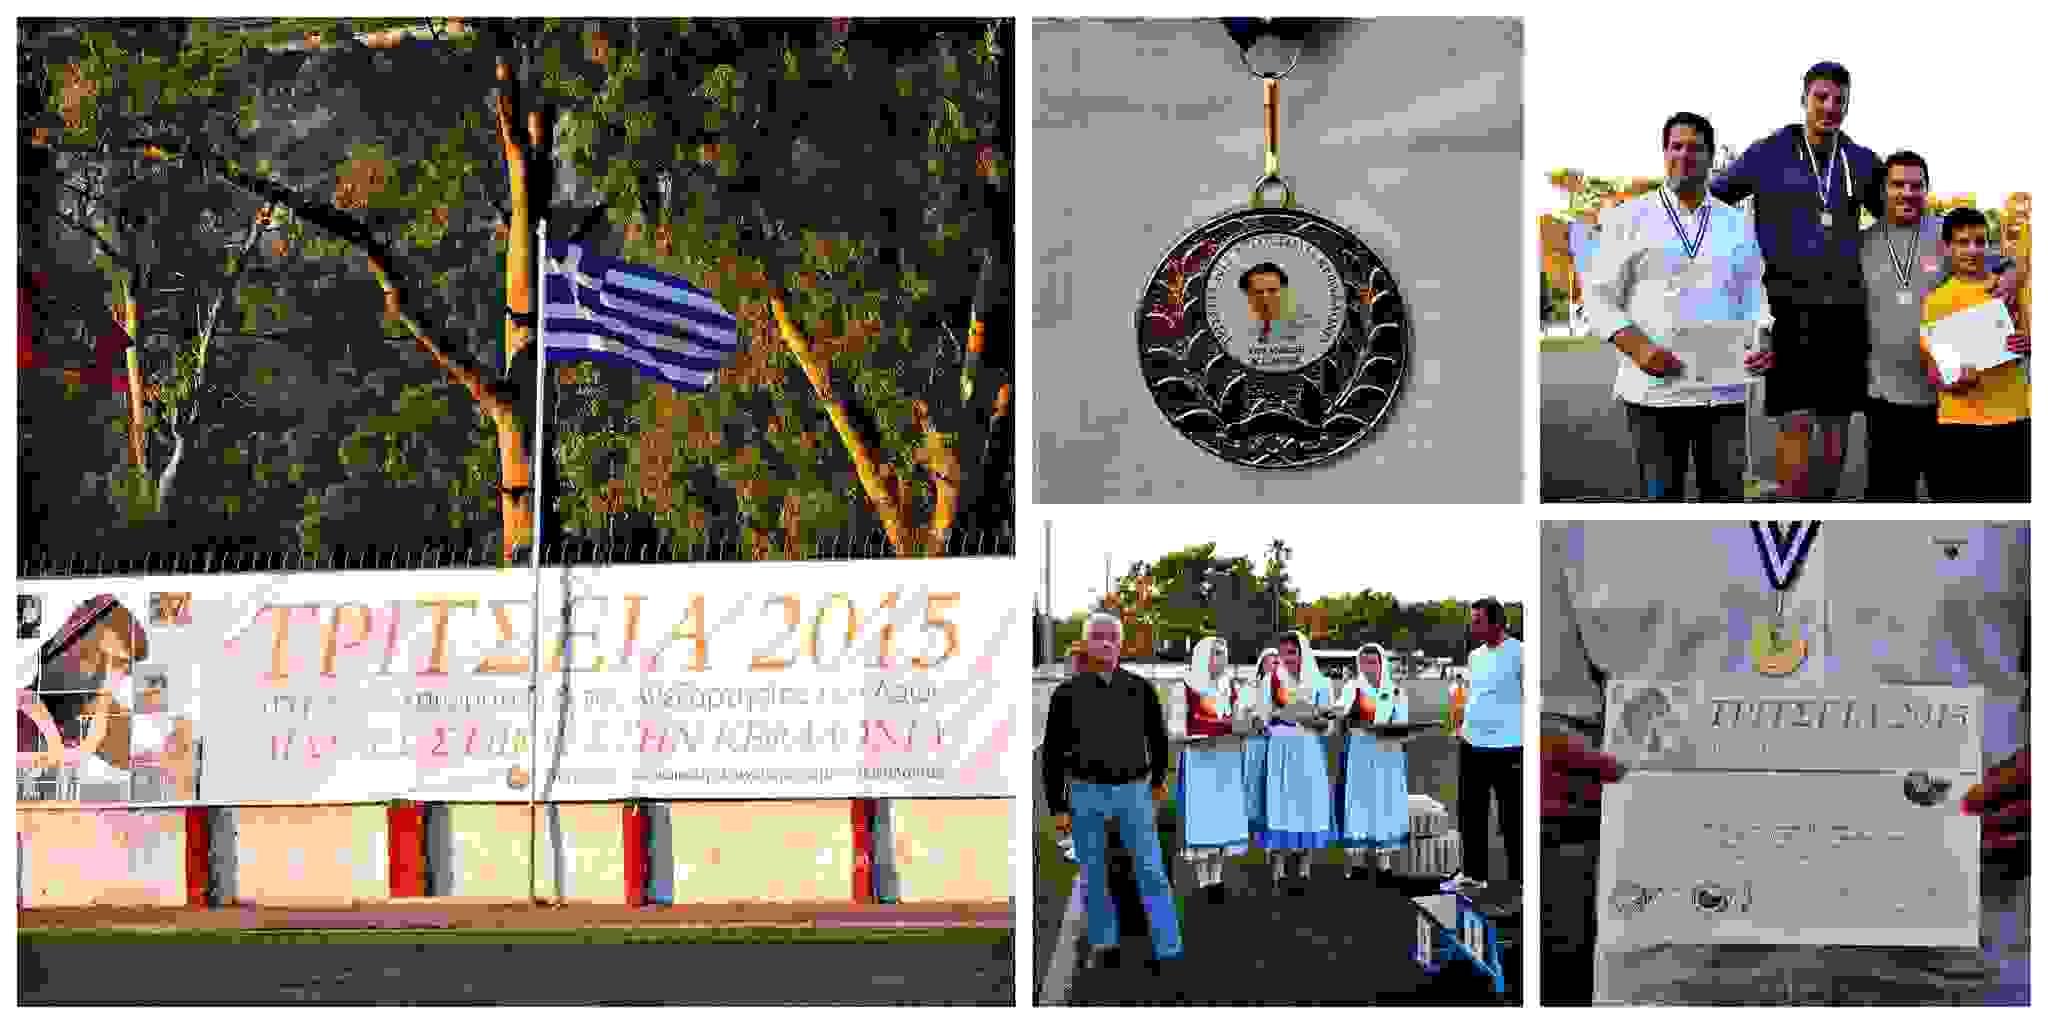 Αγώνες Στίβου «ΤΡΙΤΣΕΙΑ 2015», στο Δημοτικό Στάδιο Αργοστολίου «Ανδρέας Βεργωτής» Γράφει η Αναστασία Κανάκη